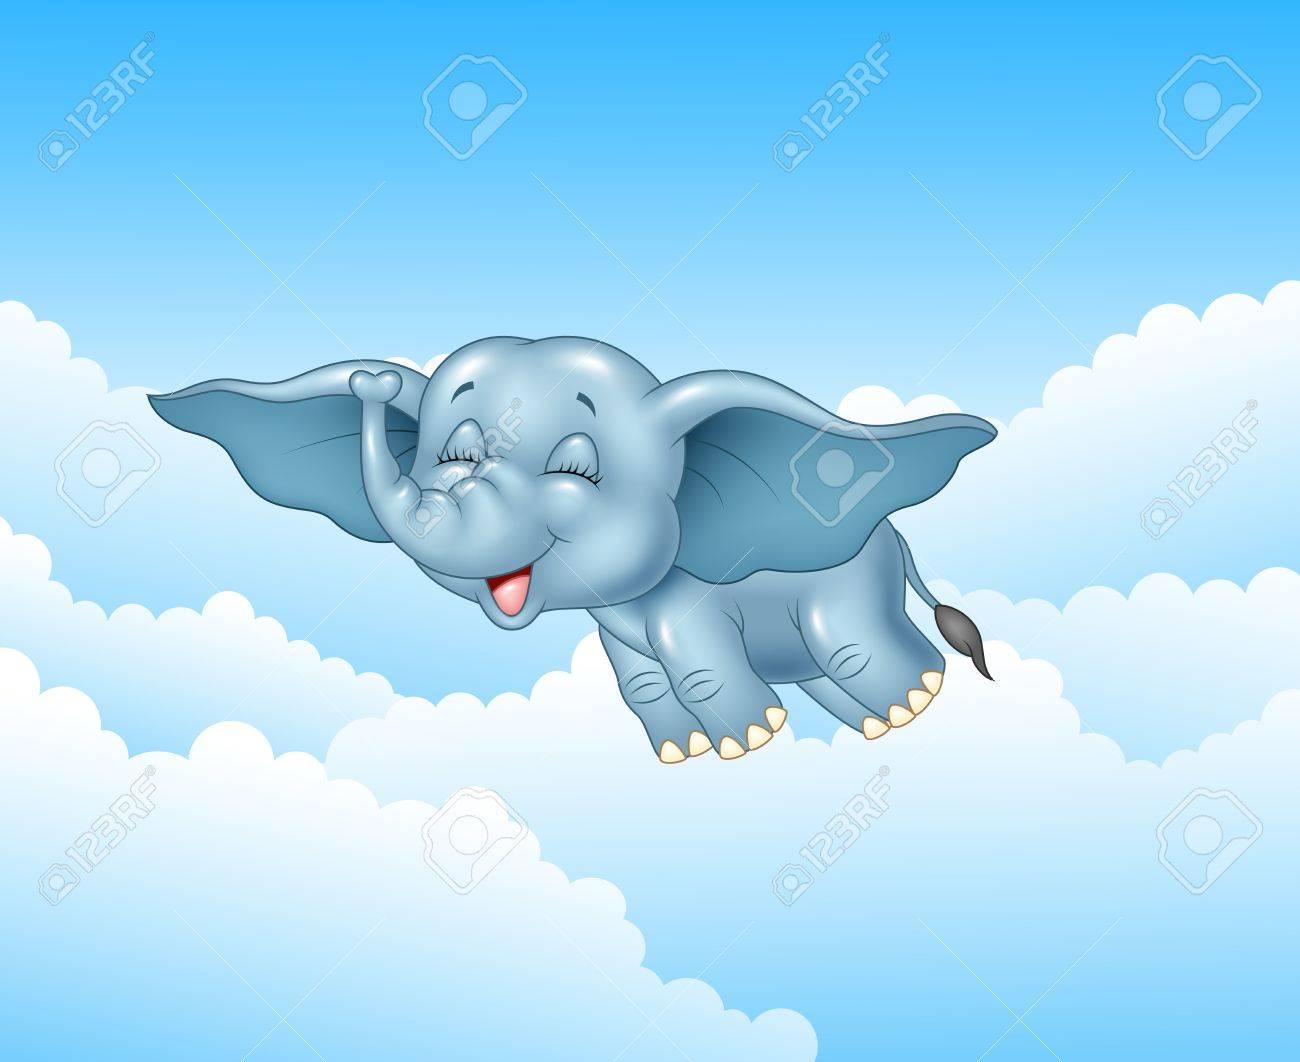 Je m'en sépare - Page 4 46873964-vector-illustration-de-mignon-b%C3%A9b%C3%A9-%C3%A9l%C3%A9phant-volant-sur-fond-de-nuage